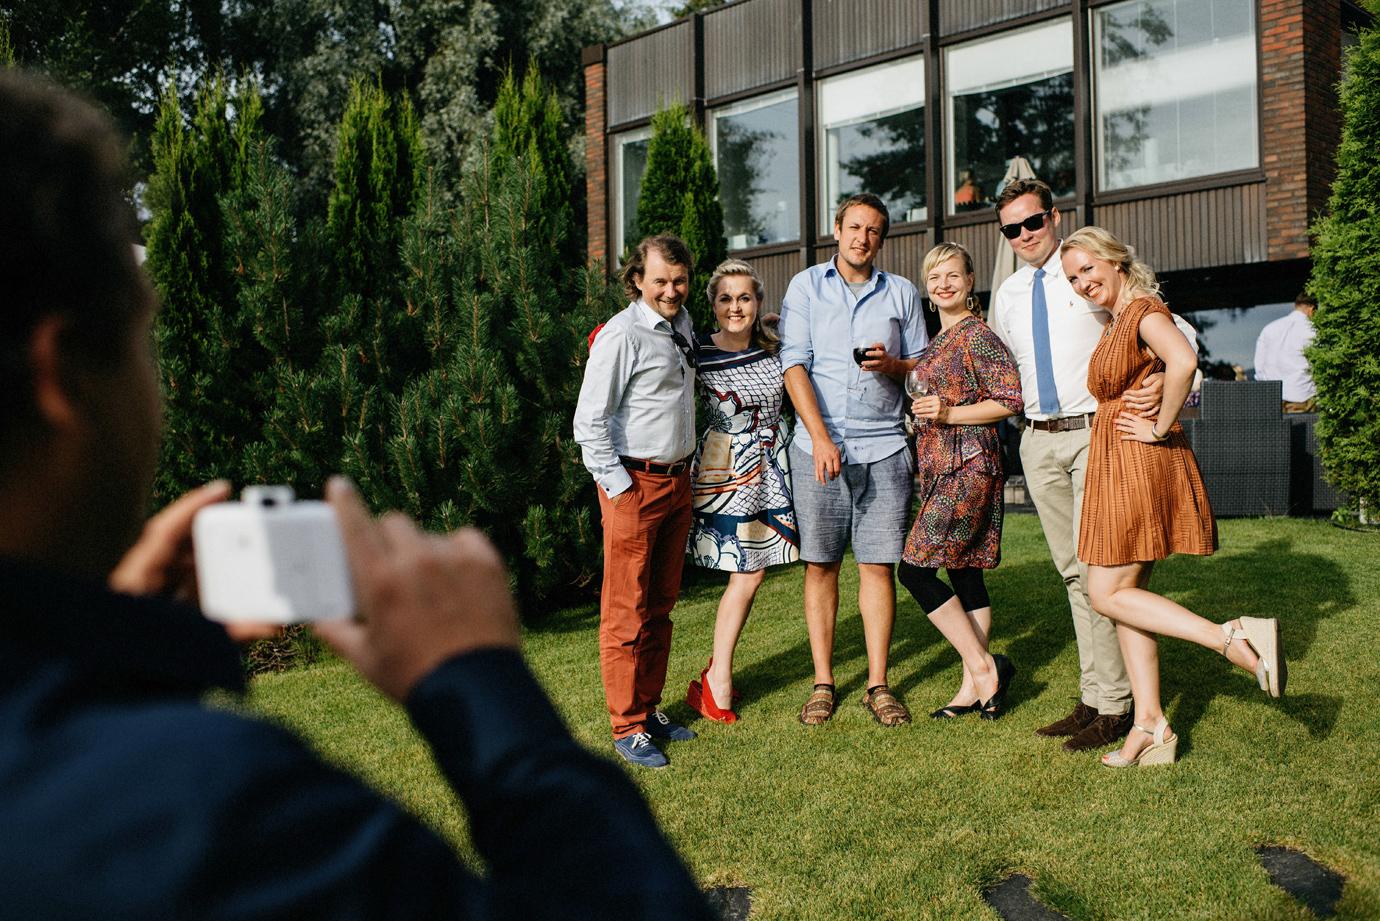 hochzeitsfotograf finnland